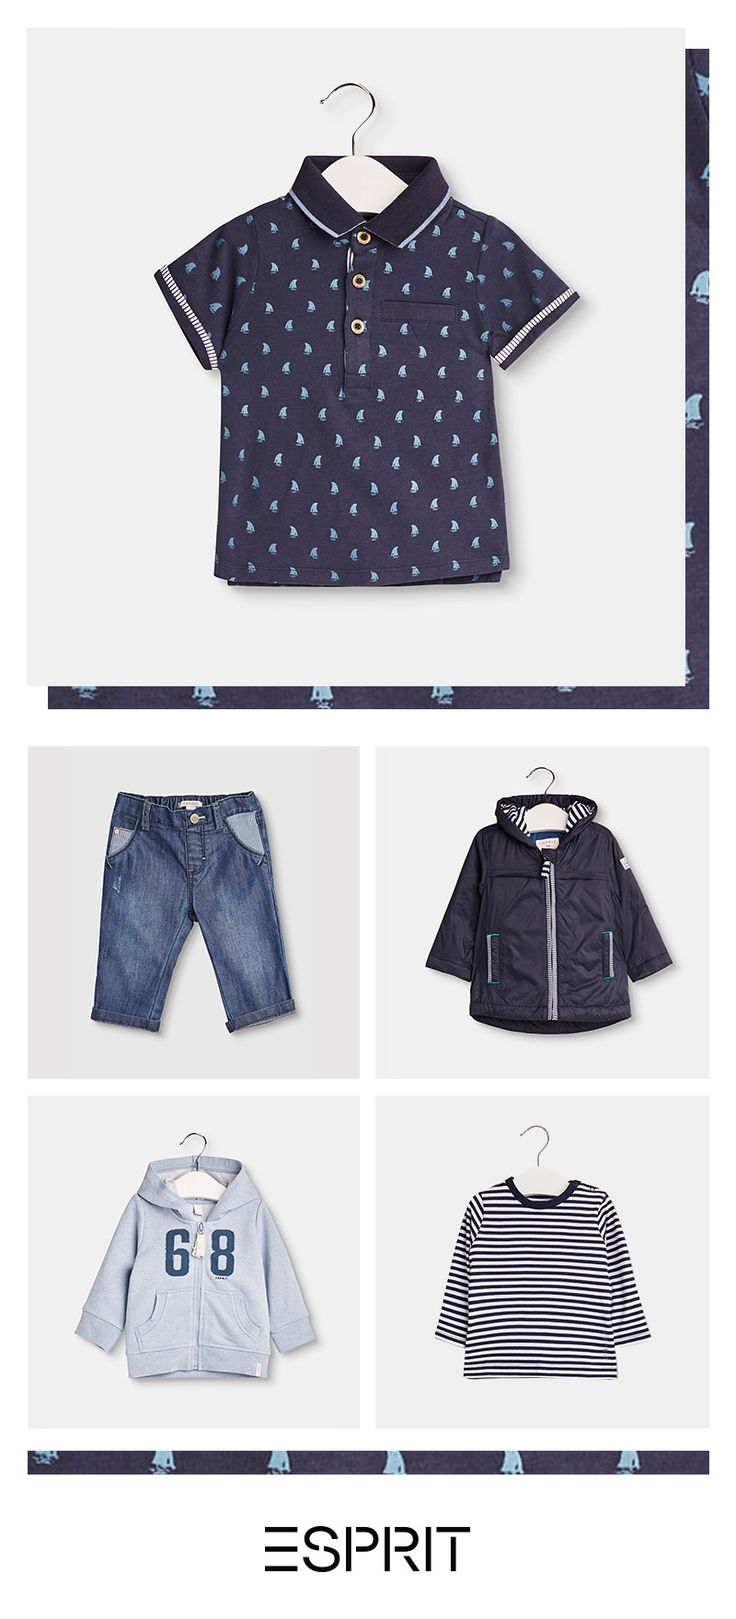 #esprit #espritkids #babywear #tshirt #outfit